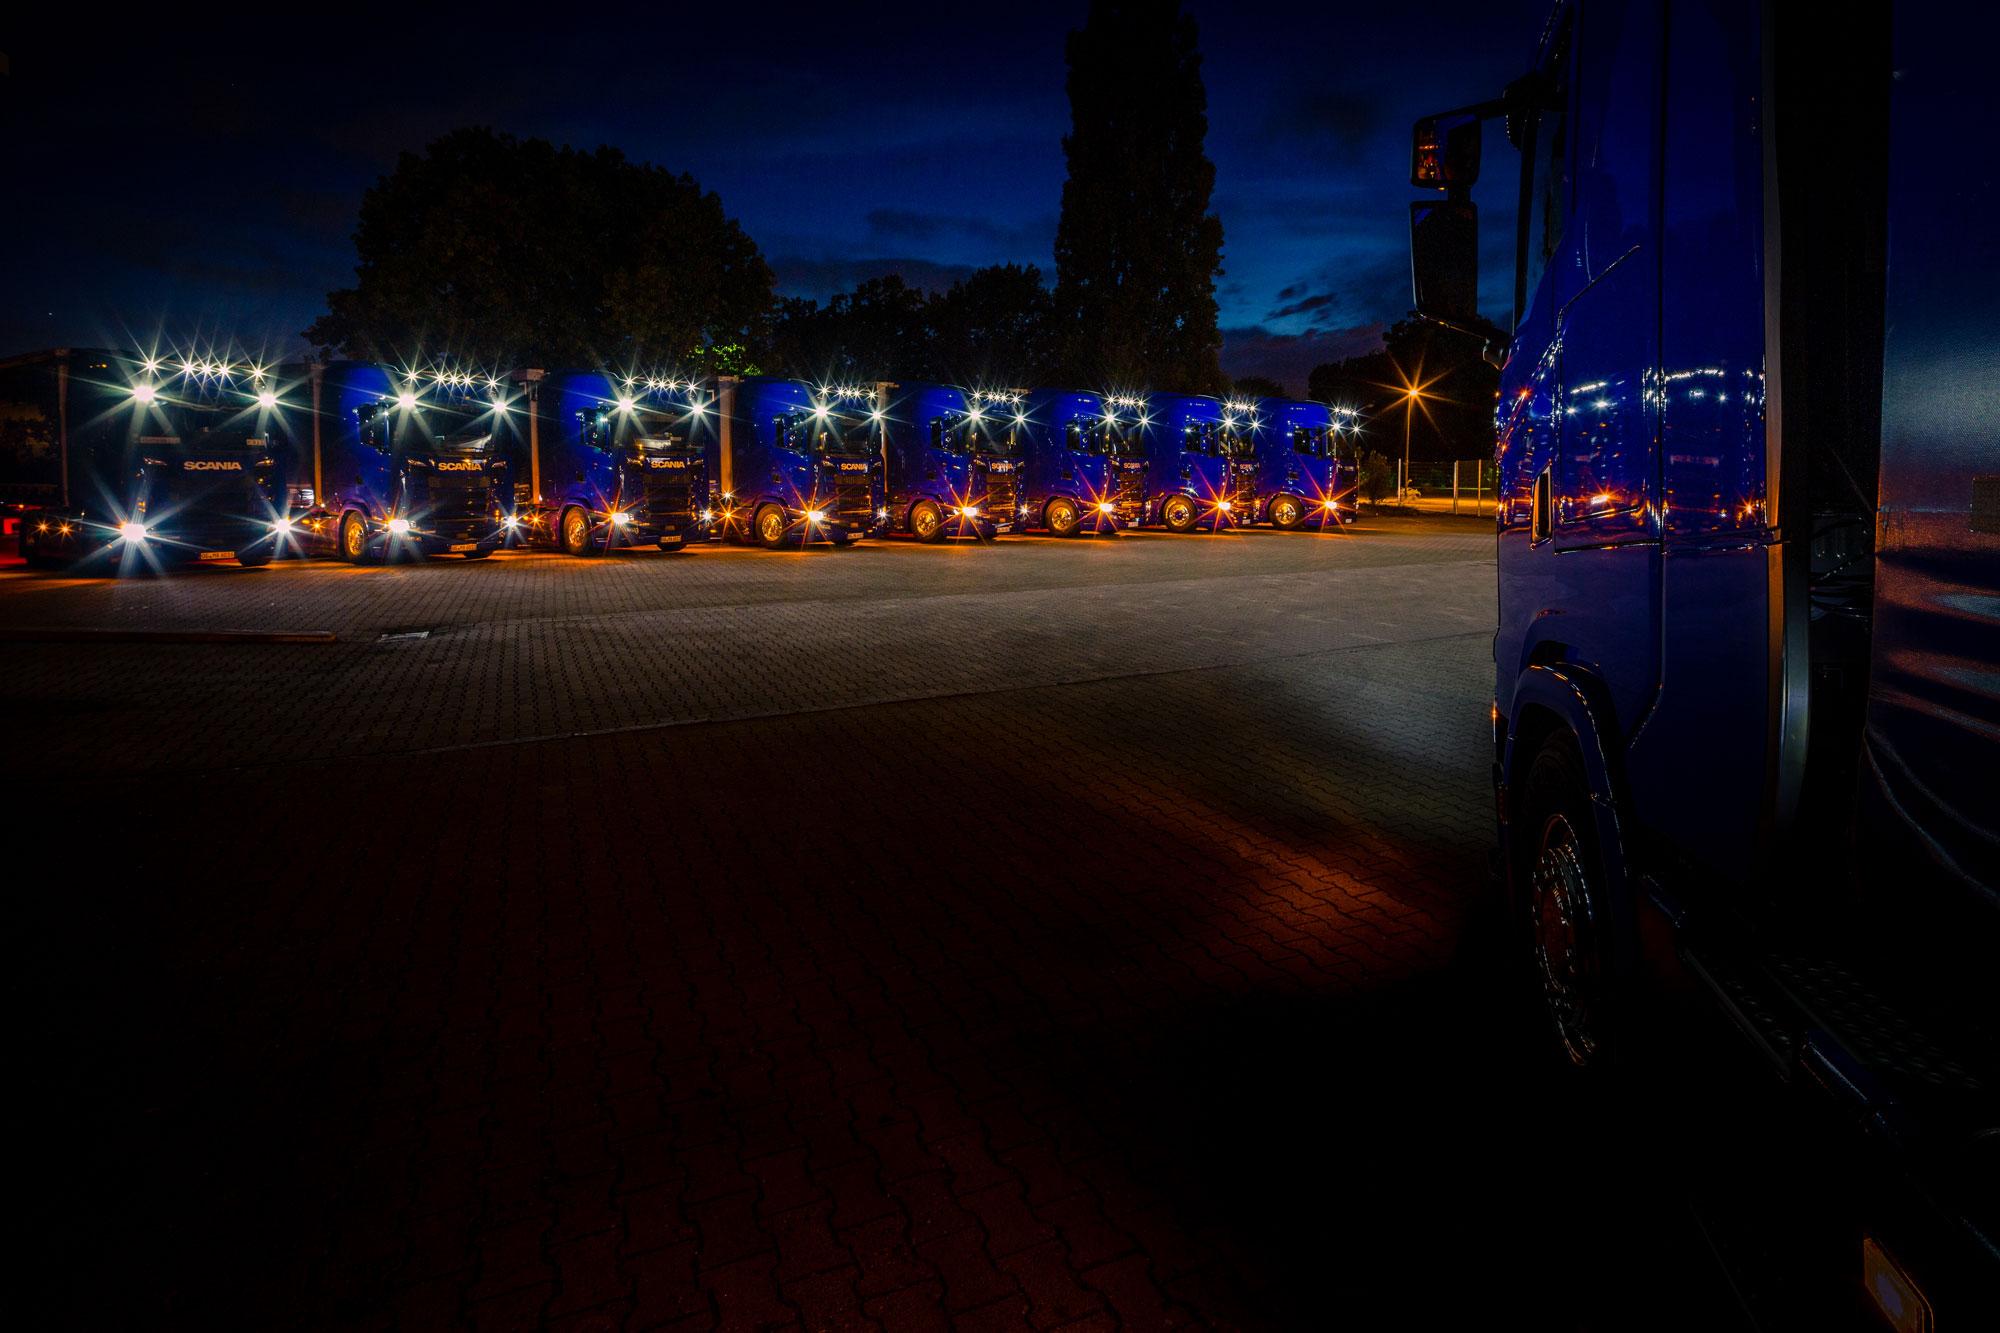 Frischer Wind im Getriebe: Acht neue Sattelzüge von Scania